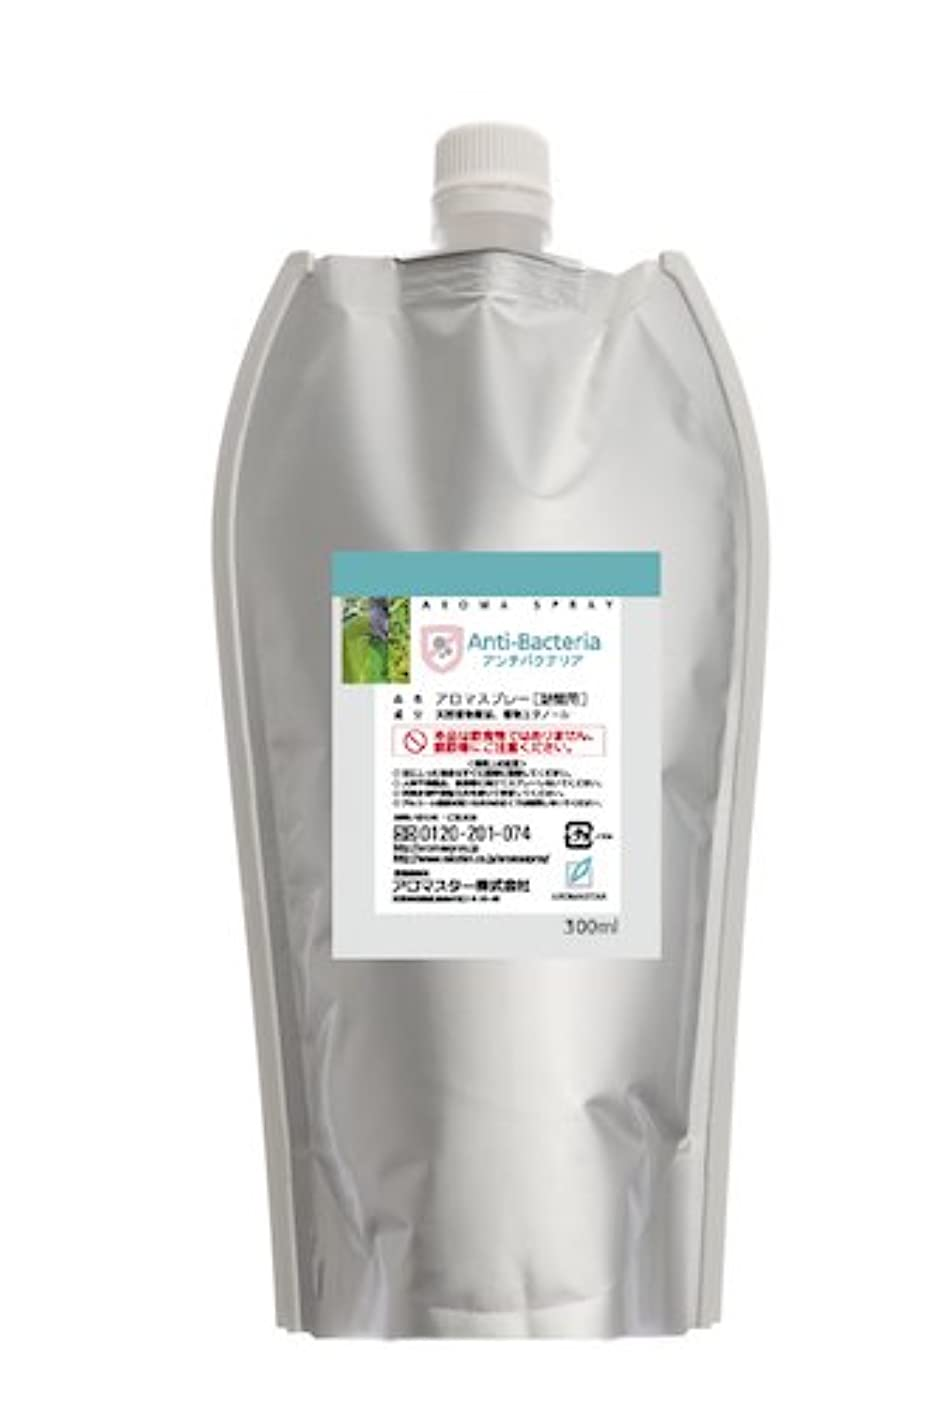 誇張する煩わしいファッションAROMASTAR(アロマスター) アロマスプレー アンチバクテリア 300ml詰替用(エコパック)